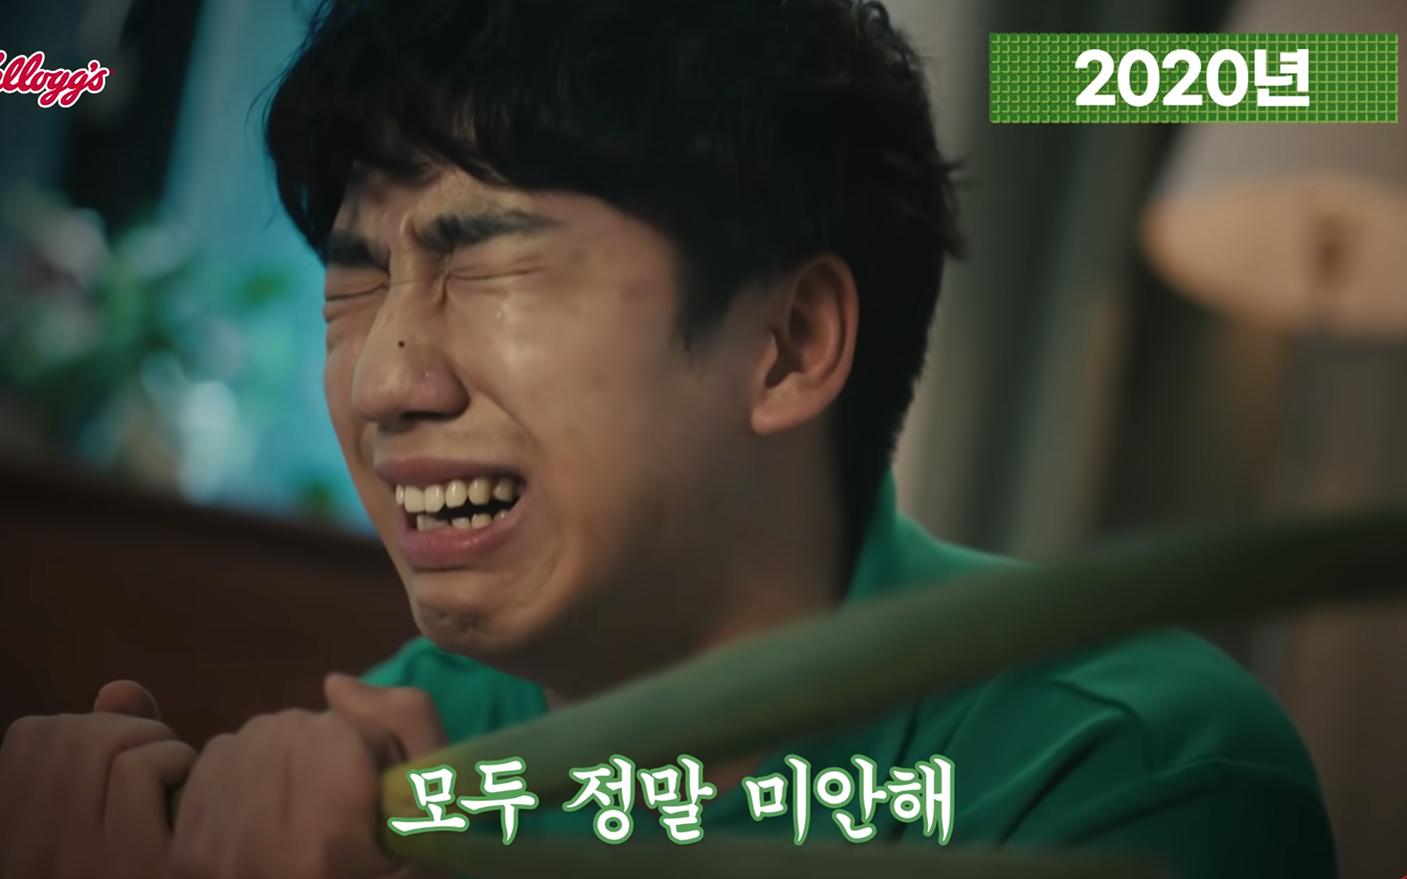 Cho ra mắt ngũ cốc vị hành gây bão tại Hàn Quốc nhưng nhà sản xuất liên tục nói lời xin lỗi trong phần quảng cáo